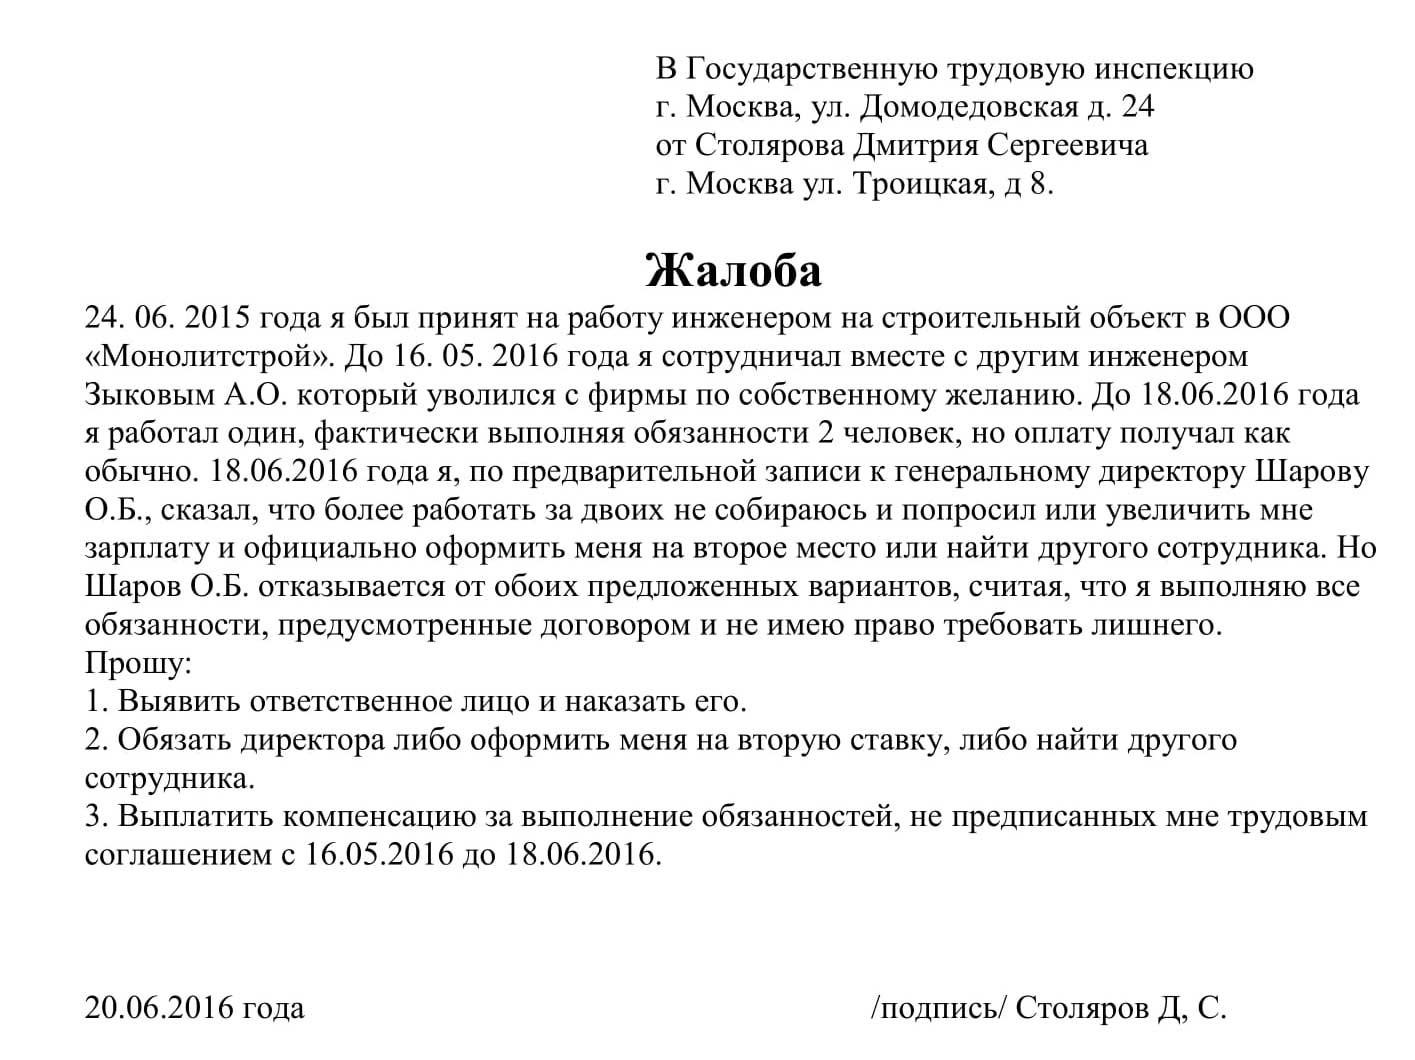 kak-napisat'-zayavlenie-v-prokuraturu-na-rabotodatelya